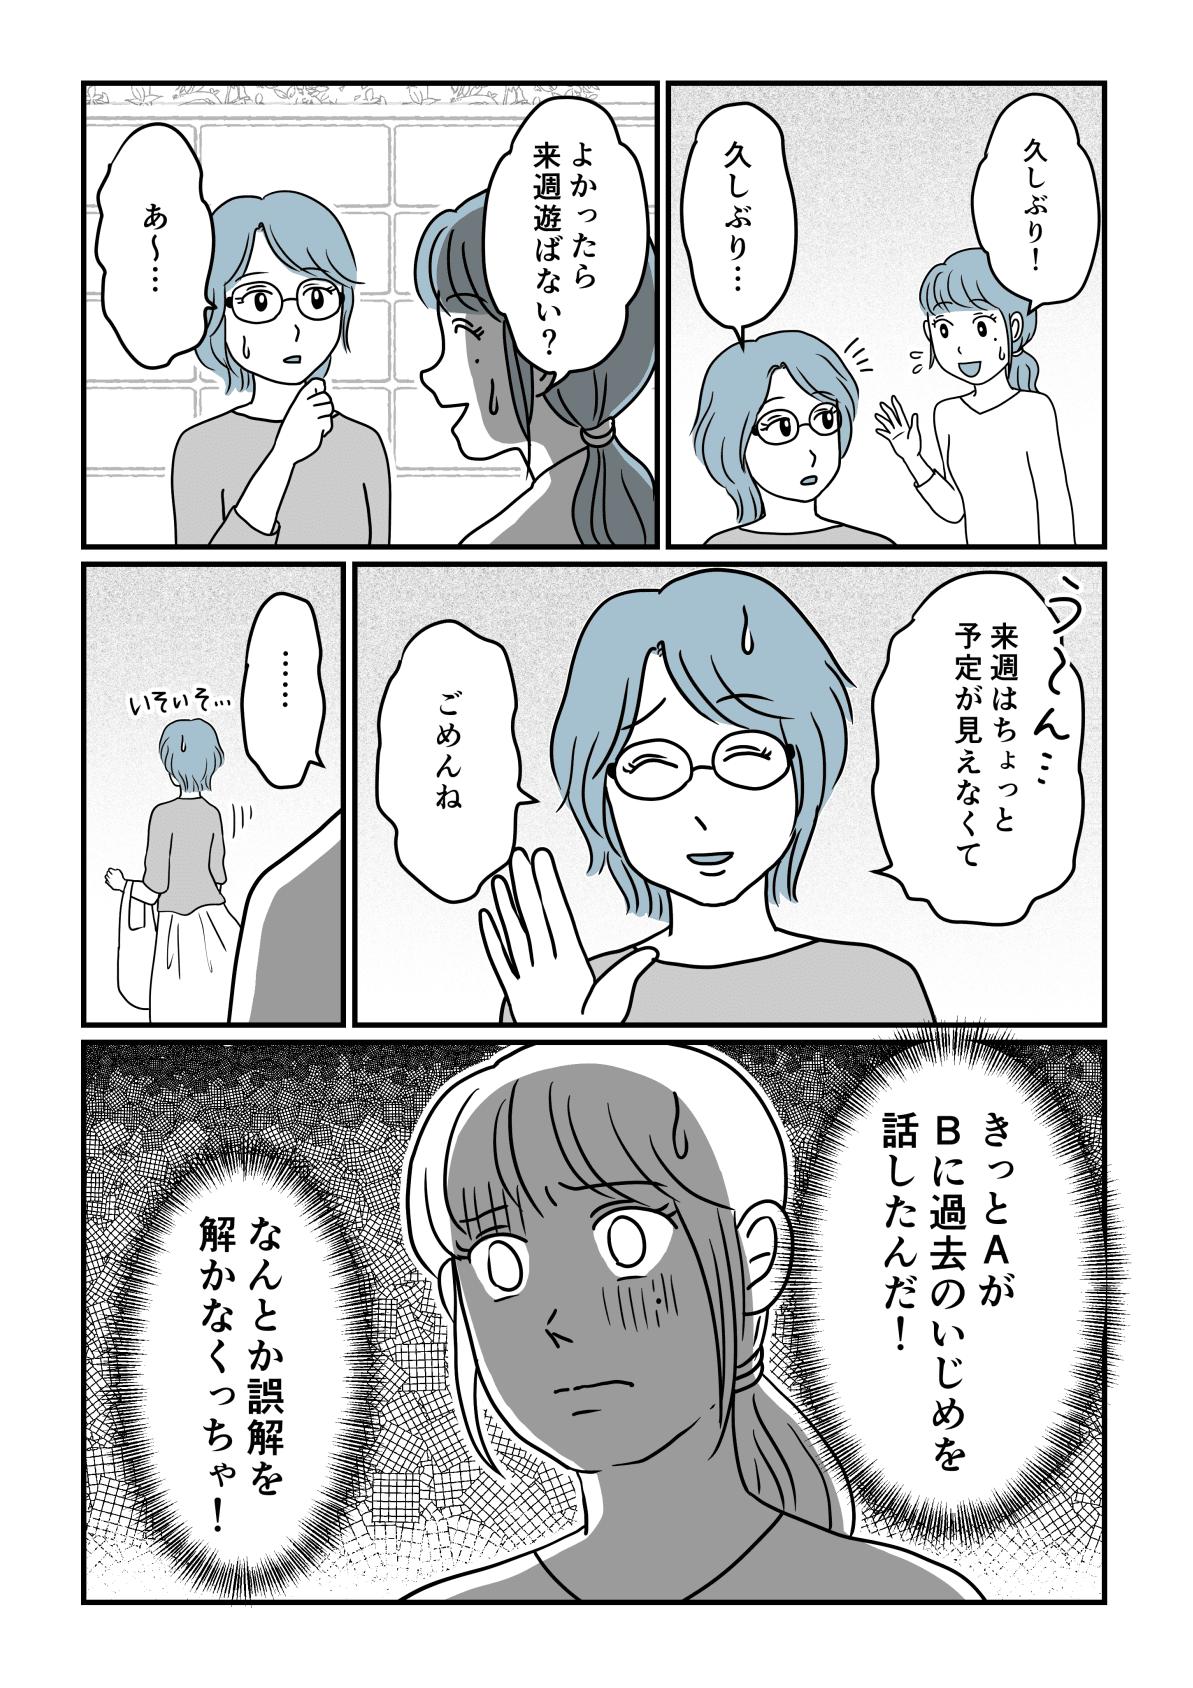 【前編】ママ友に過去のいじめがバレたかも……!3